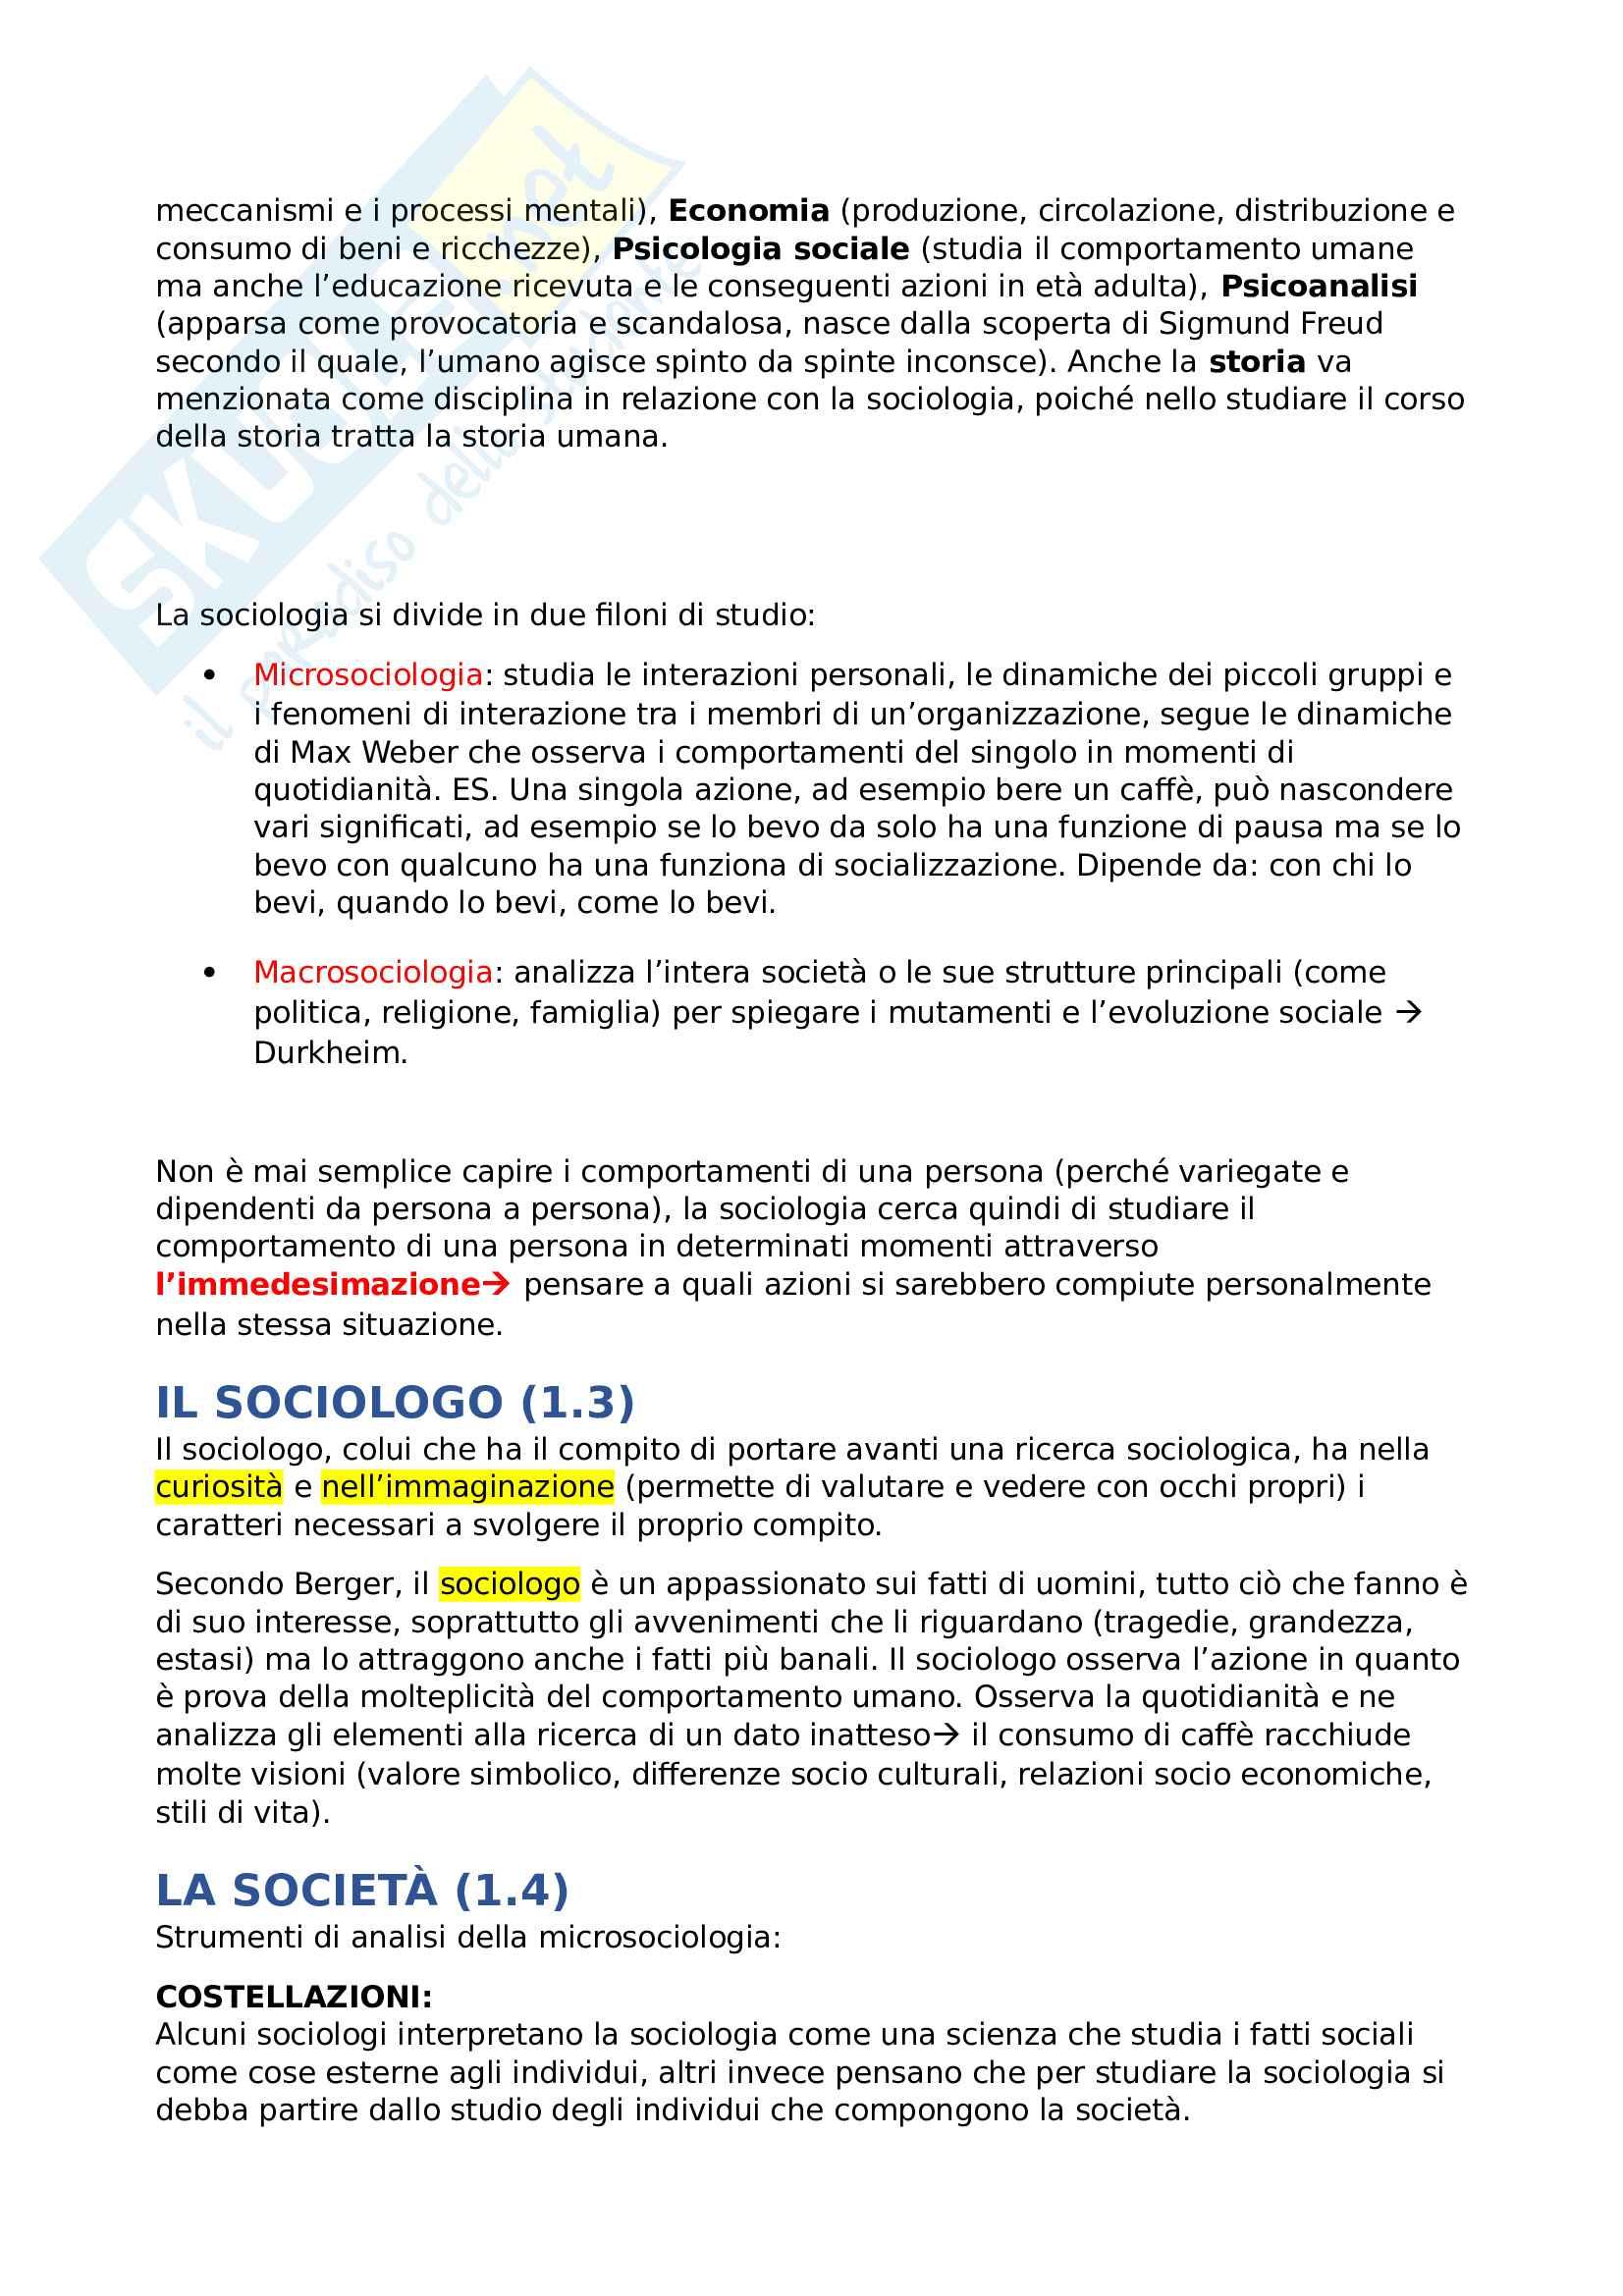 Sociologia del cambiamento nell' era digitale- 1° Parziale Pag. 2